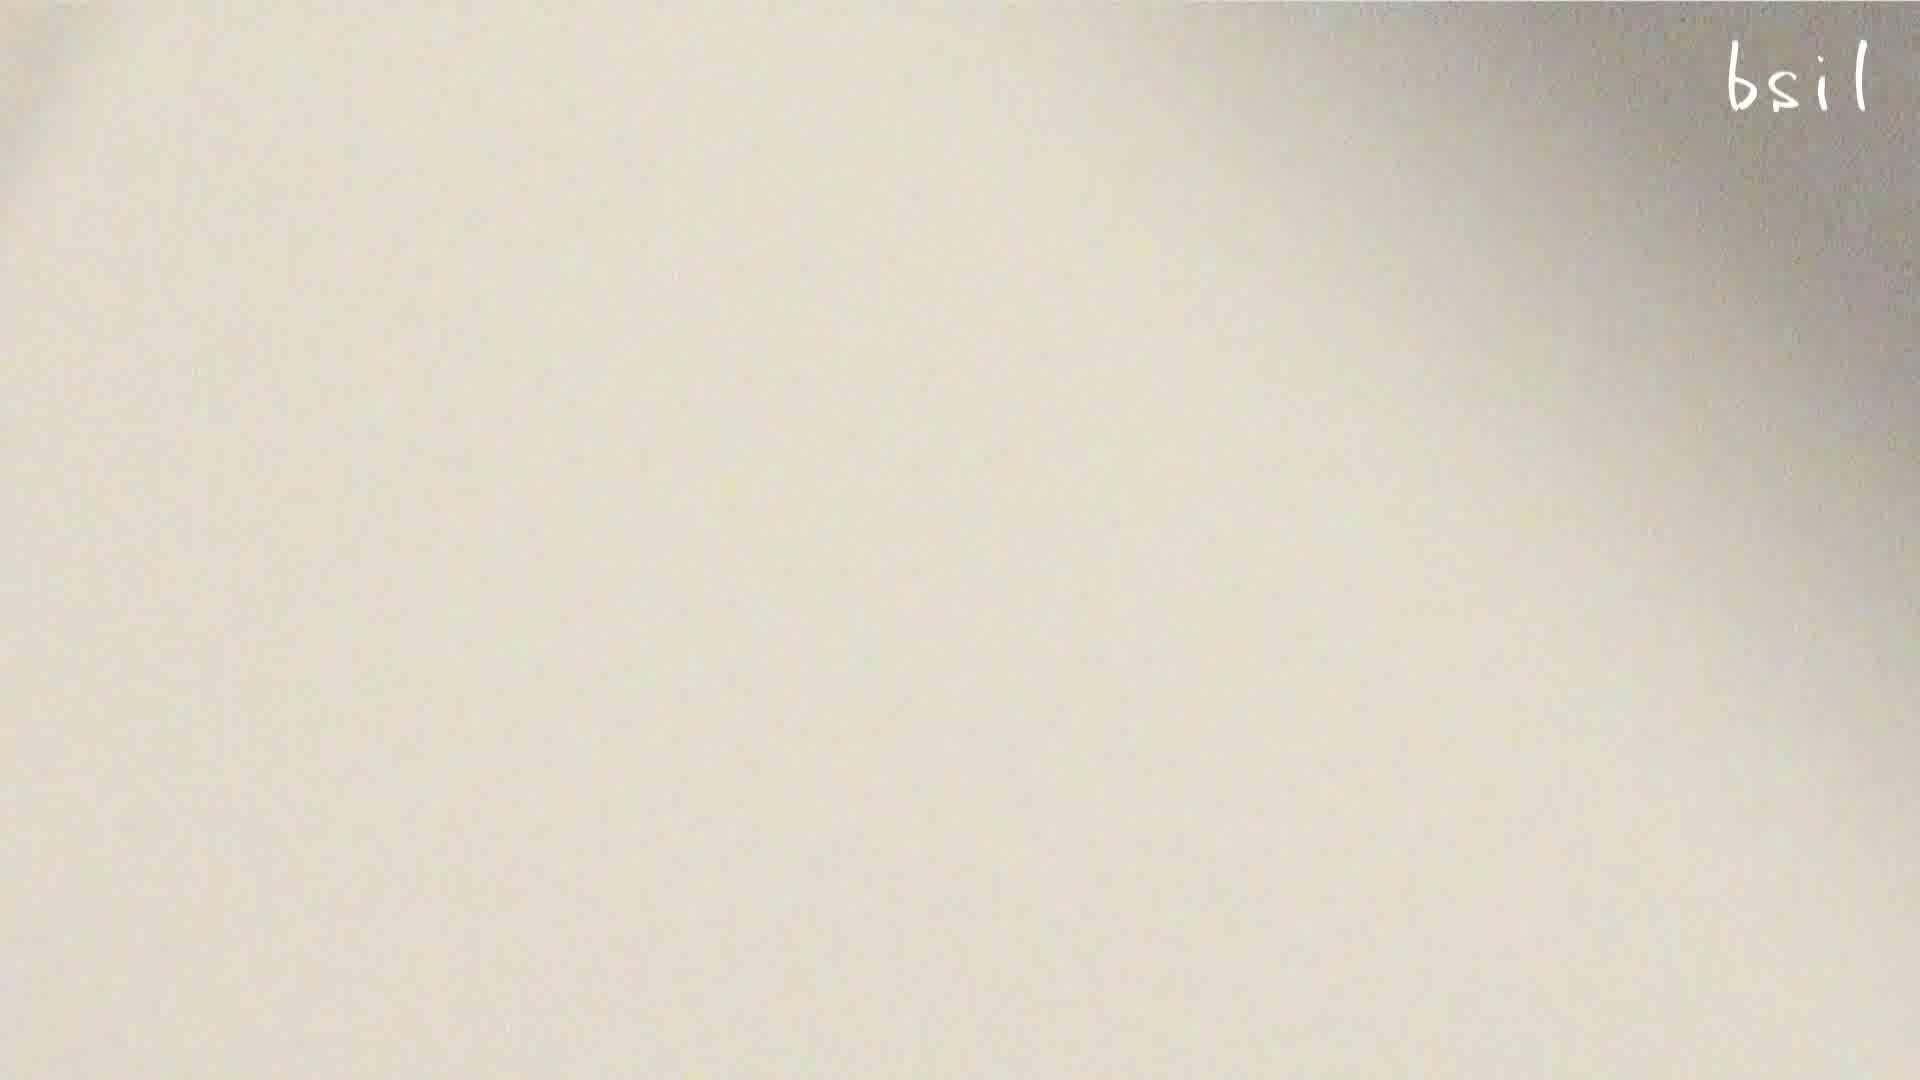 ナースのお小水 vol.001 ぱっくり下半身 ワレメ動画紹介 55画像 29